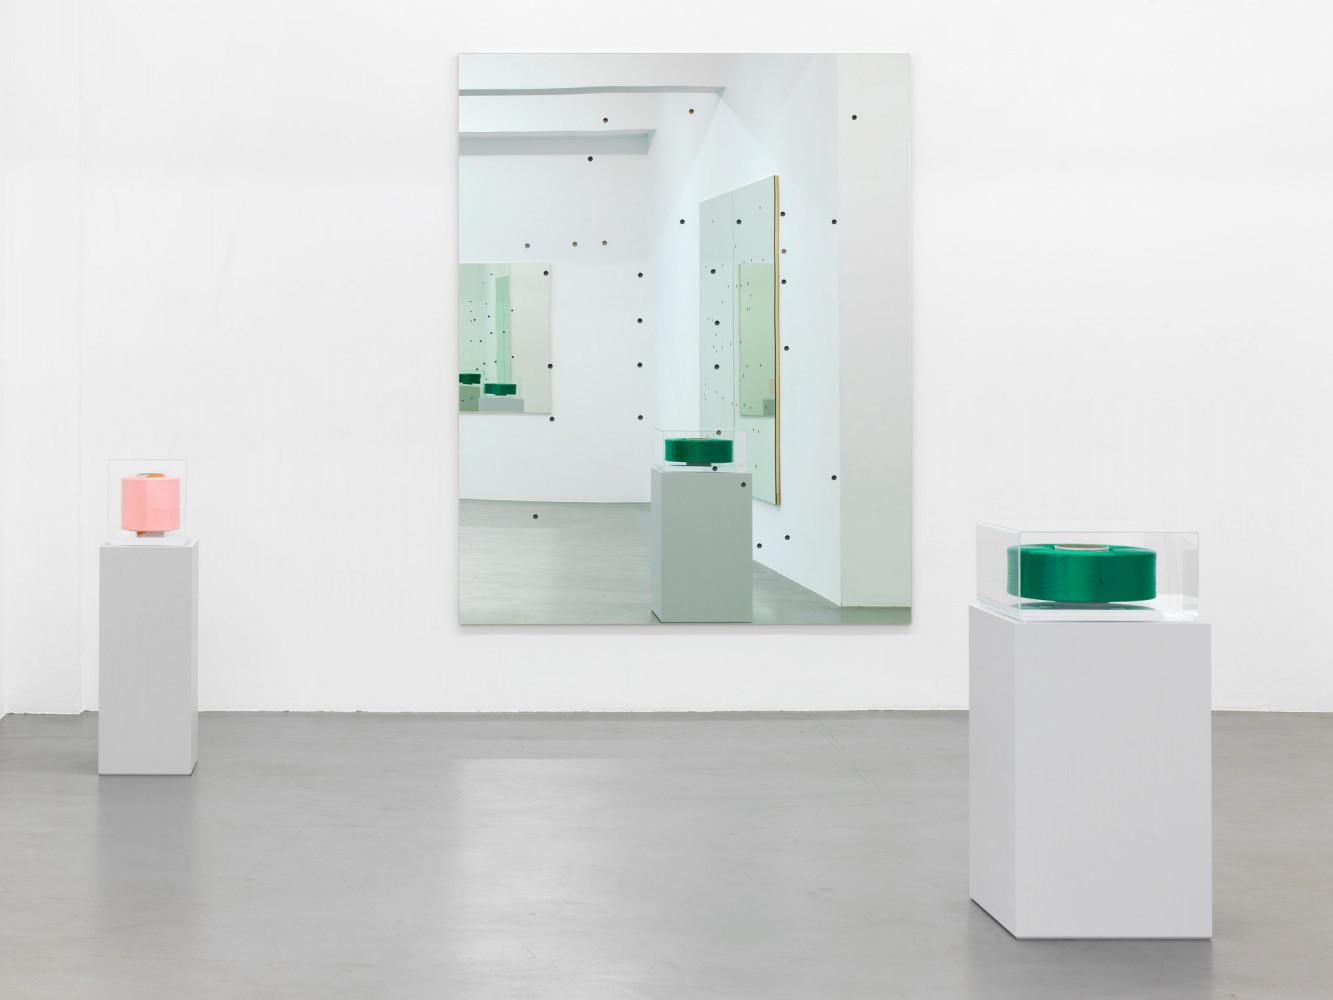 Alberto Garutti, Installation view, Buchmann Galerie